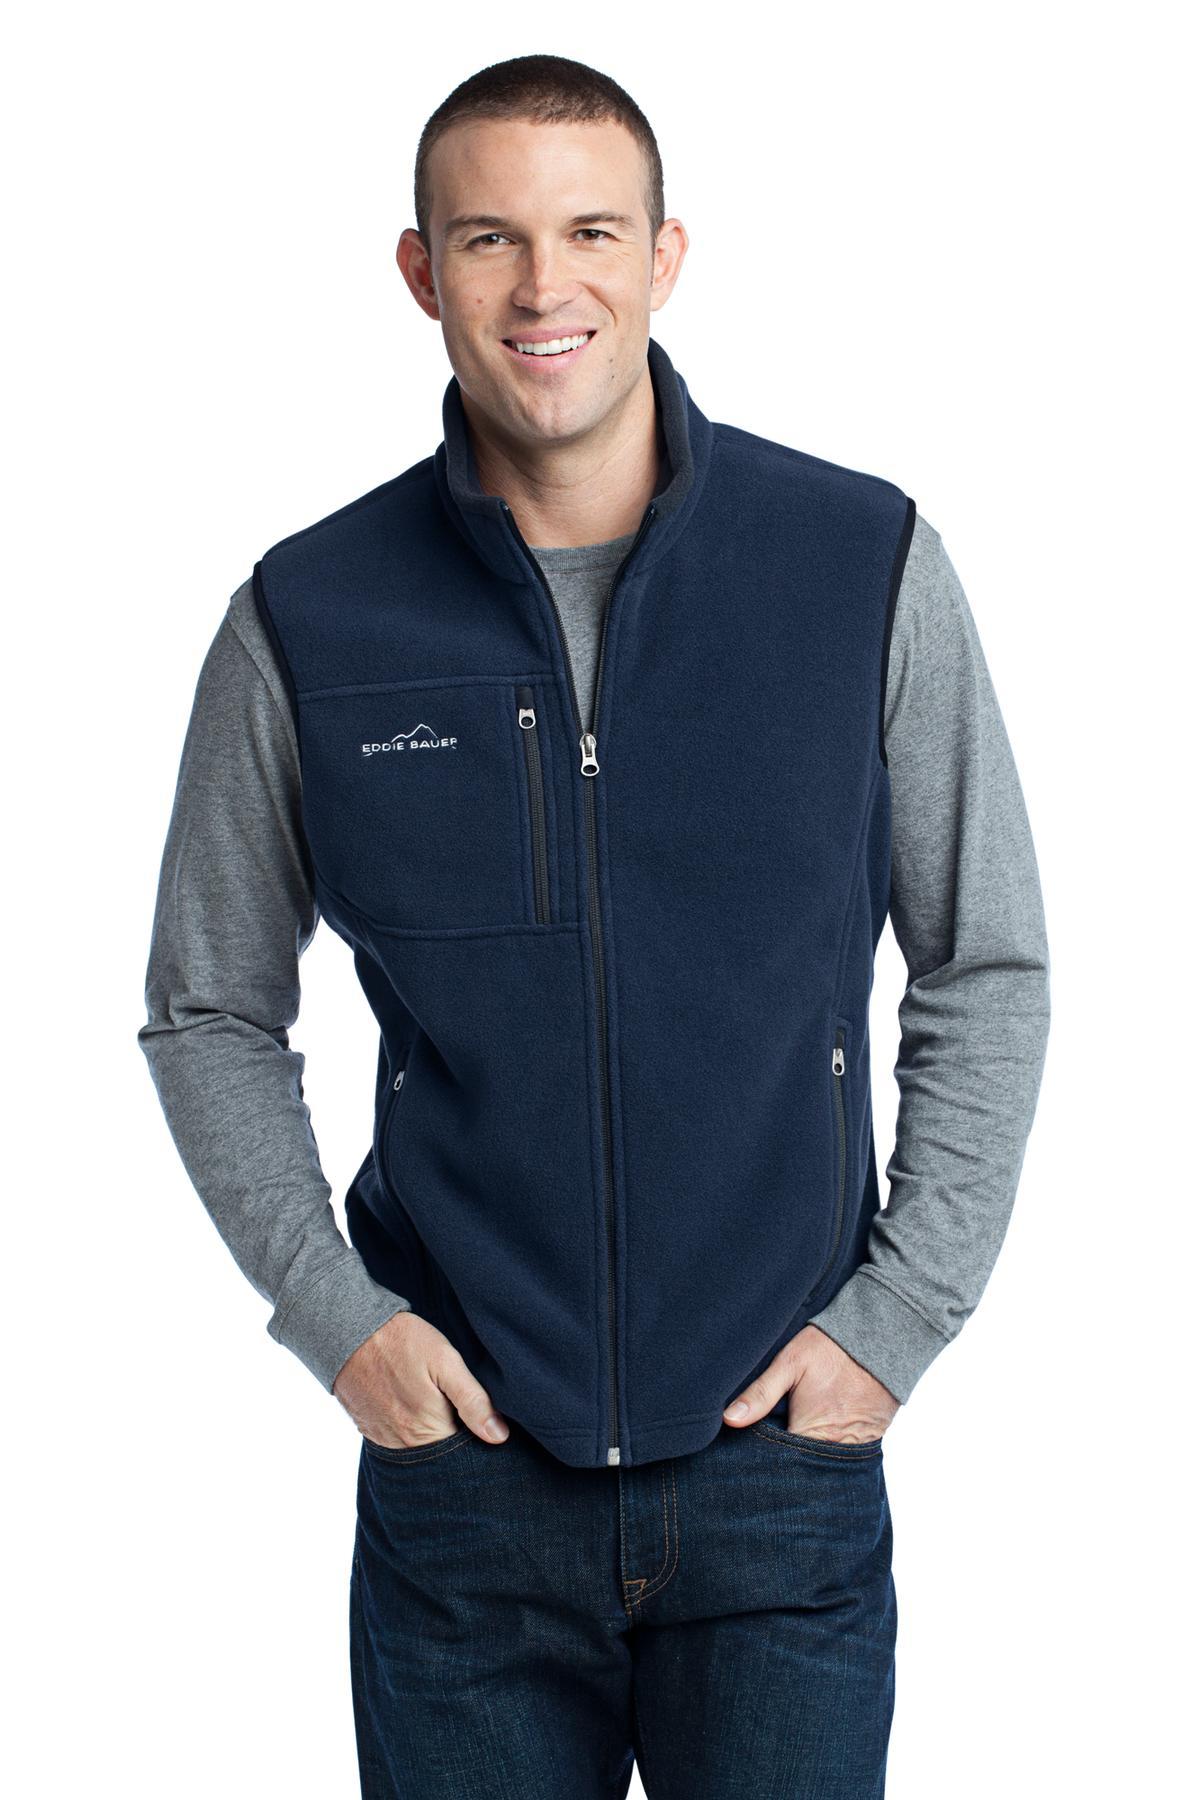 Eddie Bauer - Fleece Vest. EB204